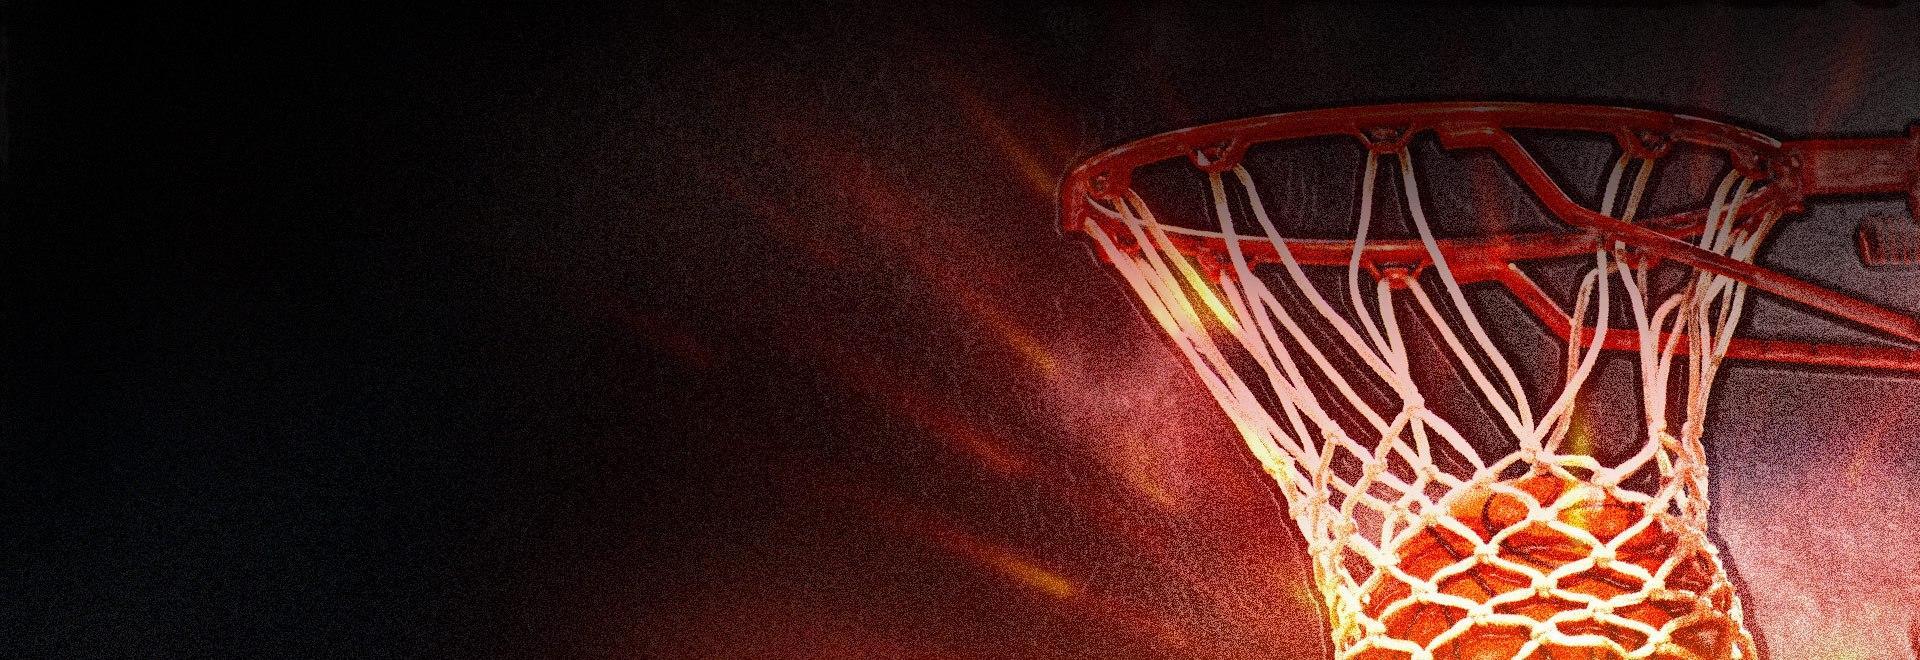 NBA Remix - The Fast Break